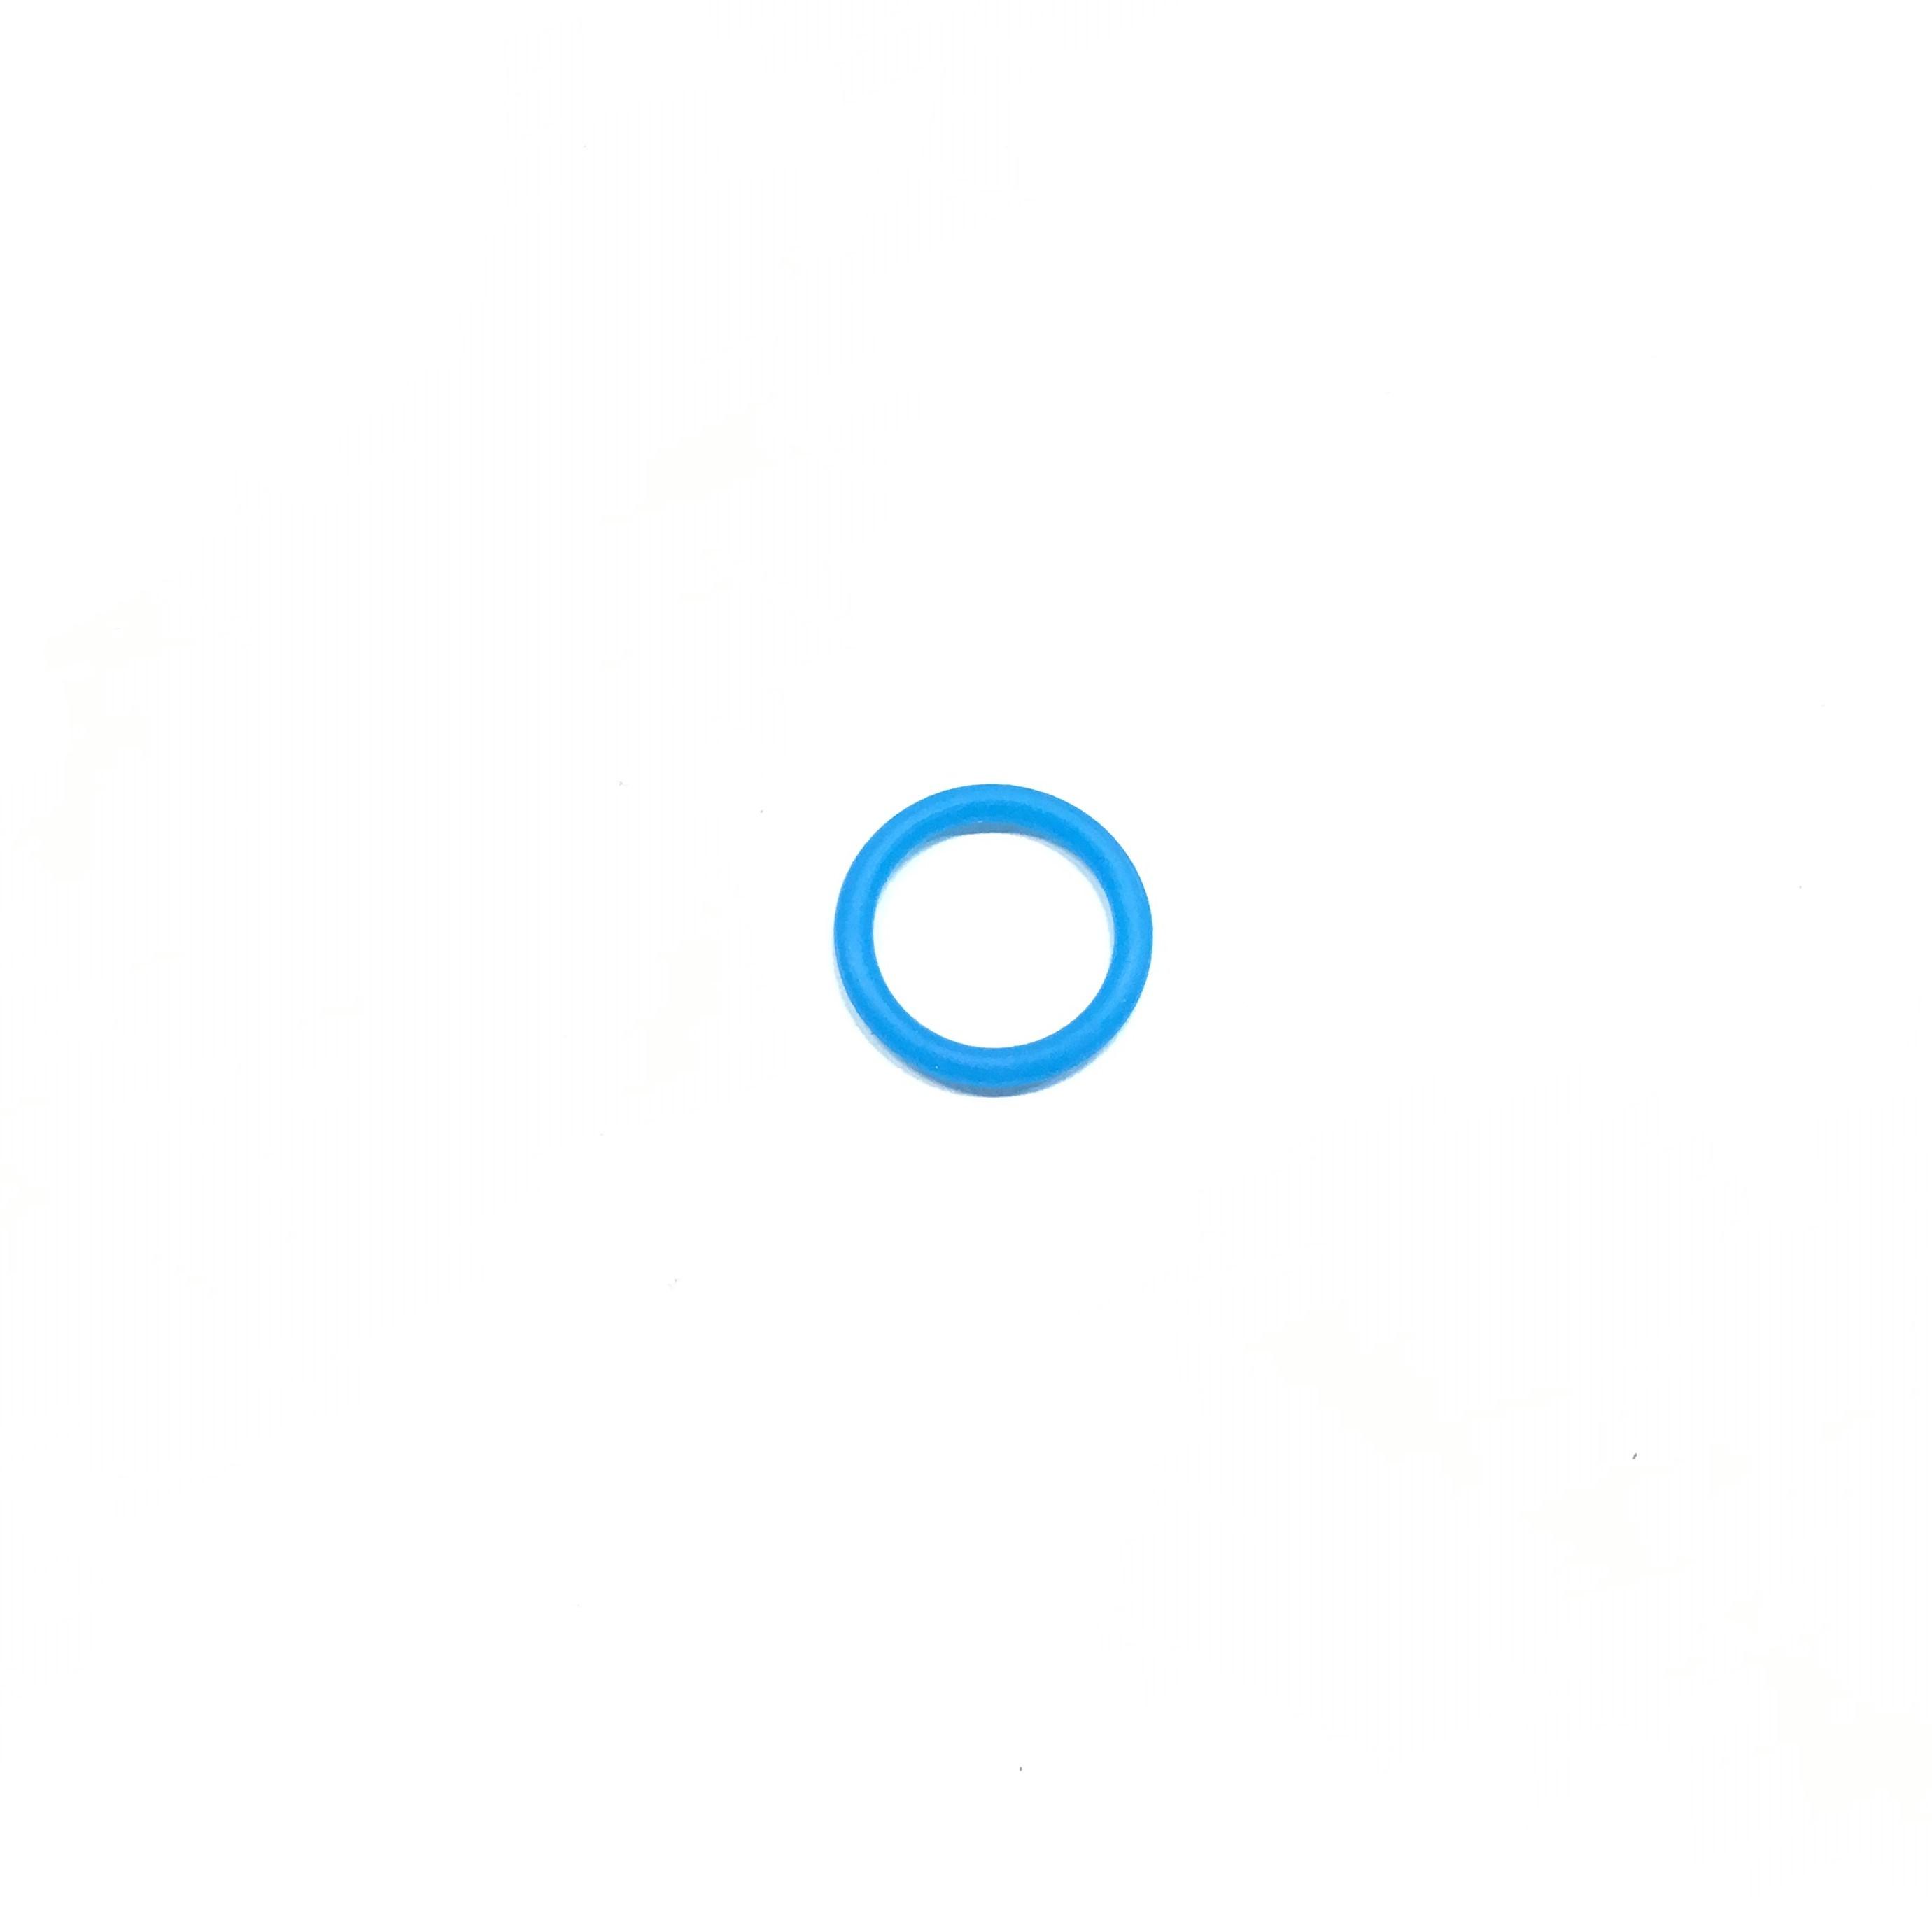 Cerchio Azzurro